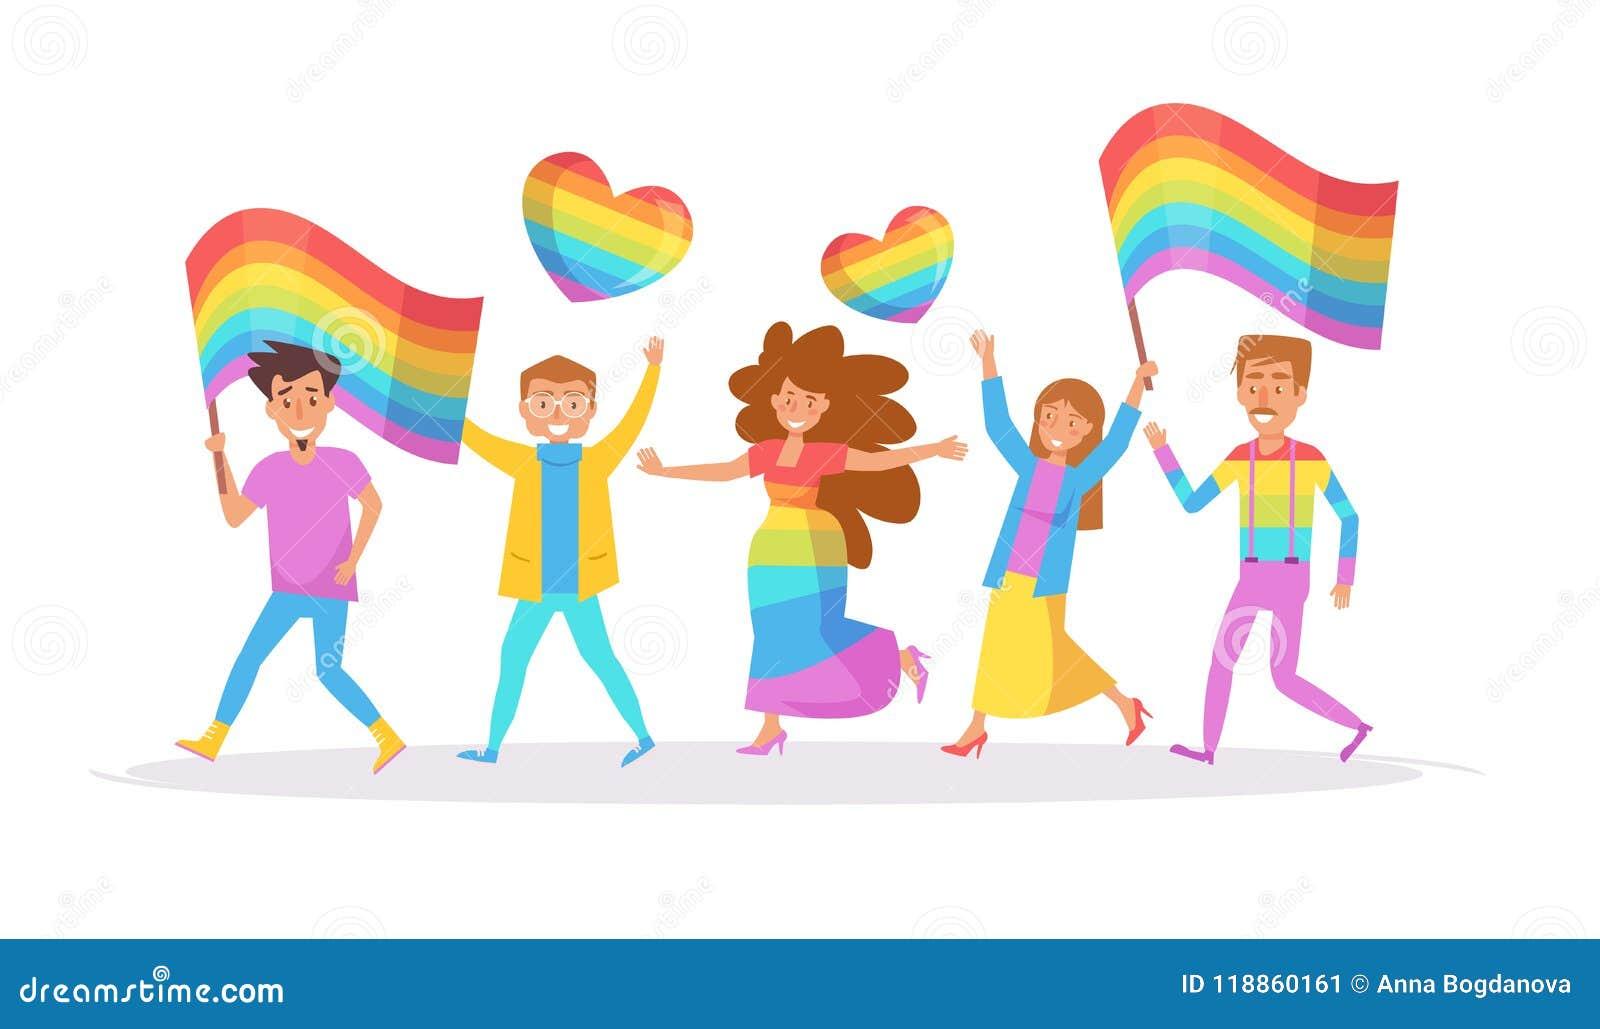 Desfile de LGBTQ Vector